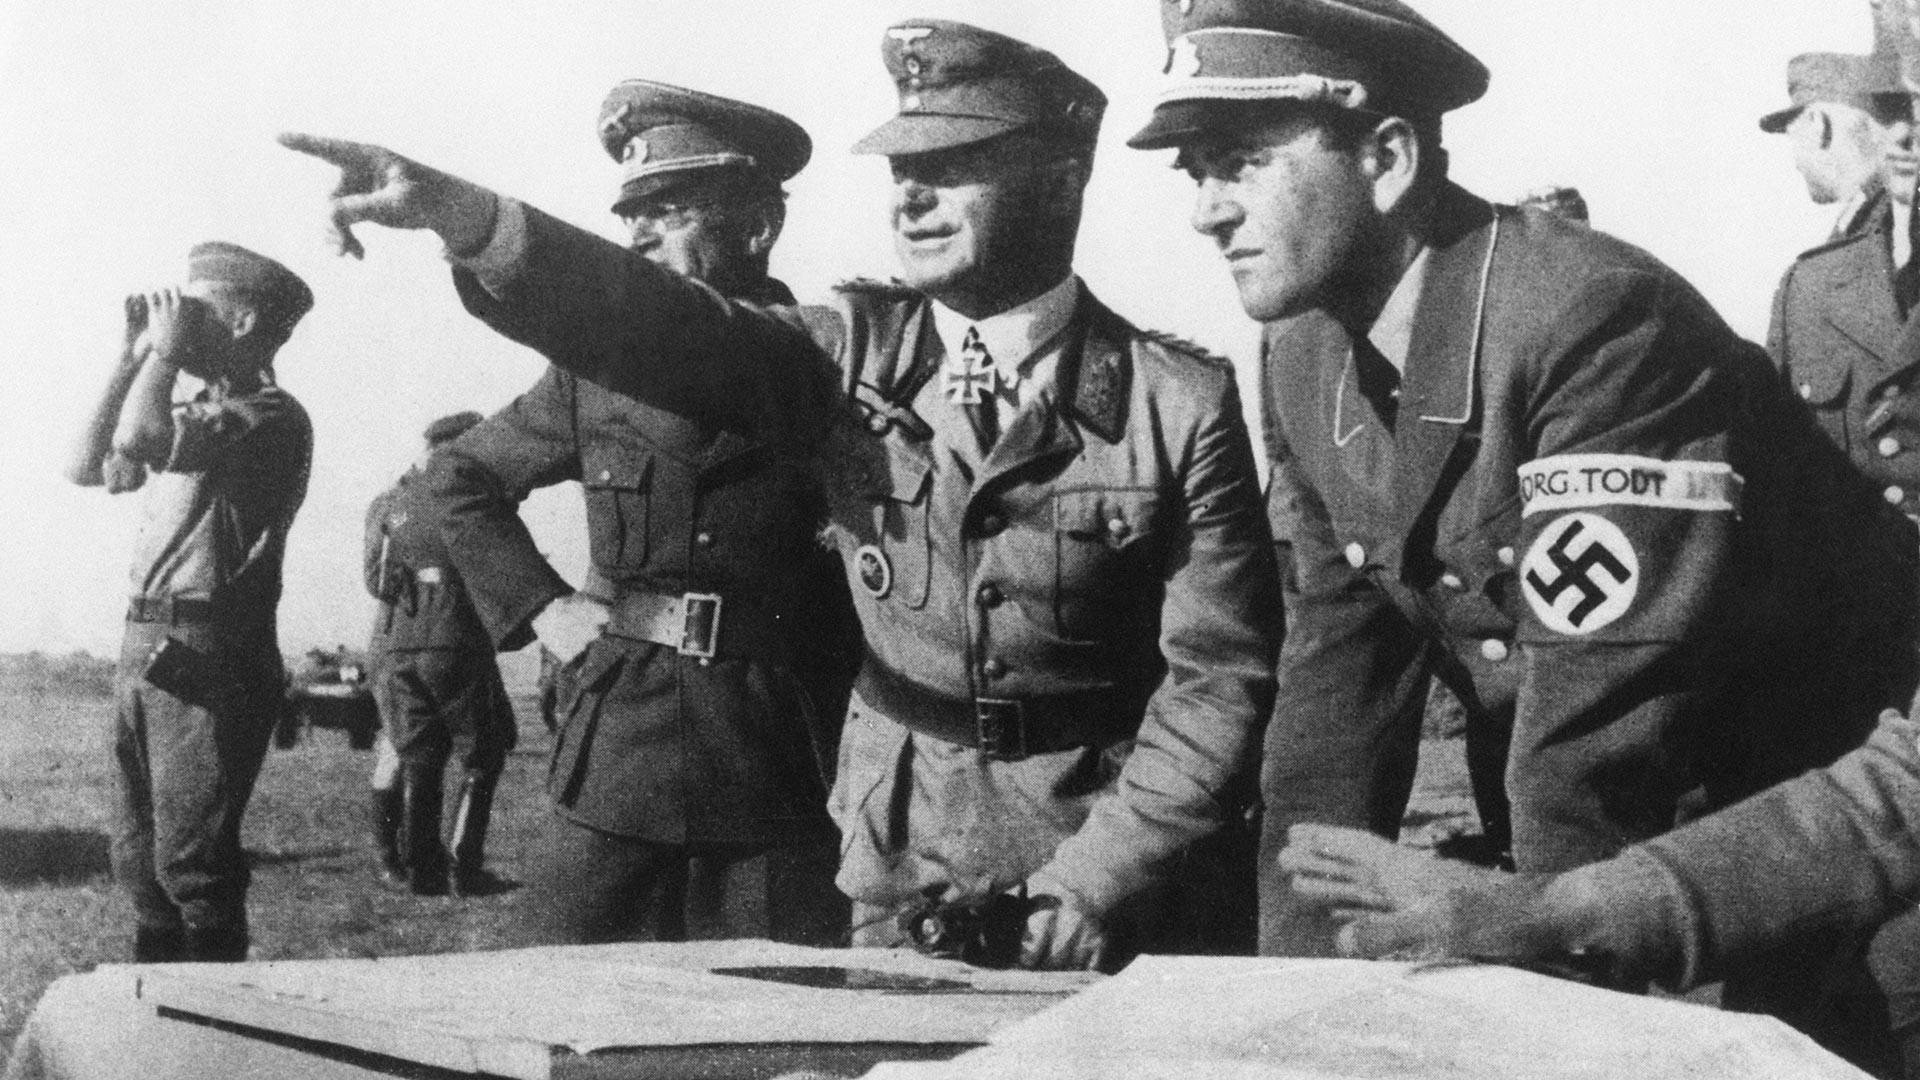 Рейхсминистр вооружения и боеприпасов Альберт Шпеер с офицерами Организации Тодта на Восточном фронте в 1943 году.